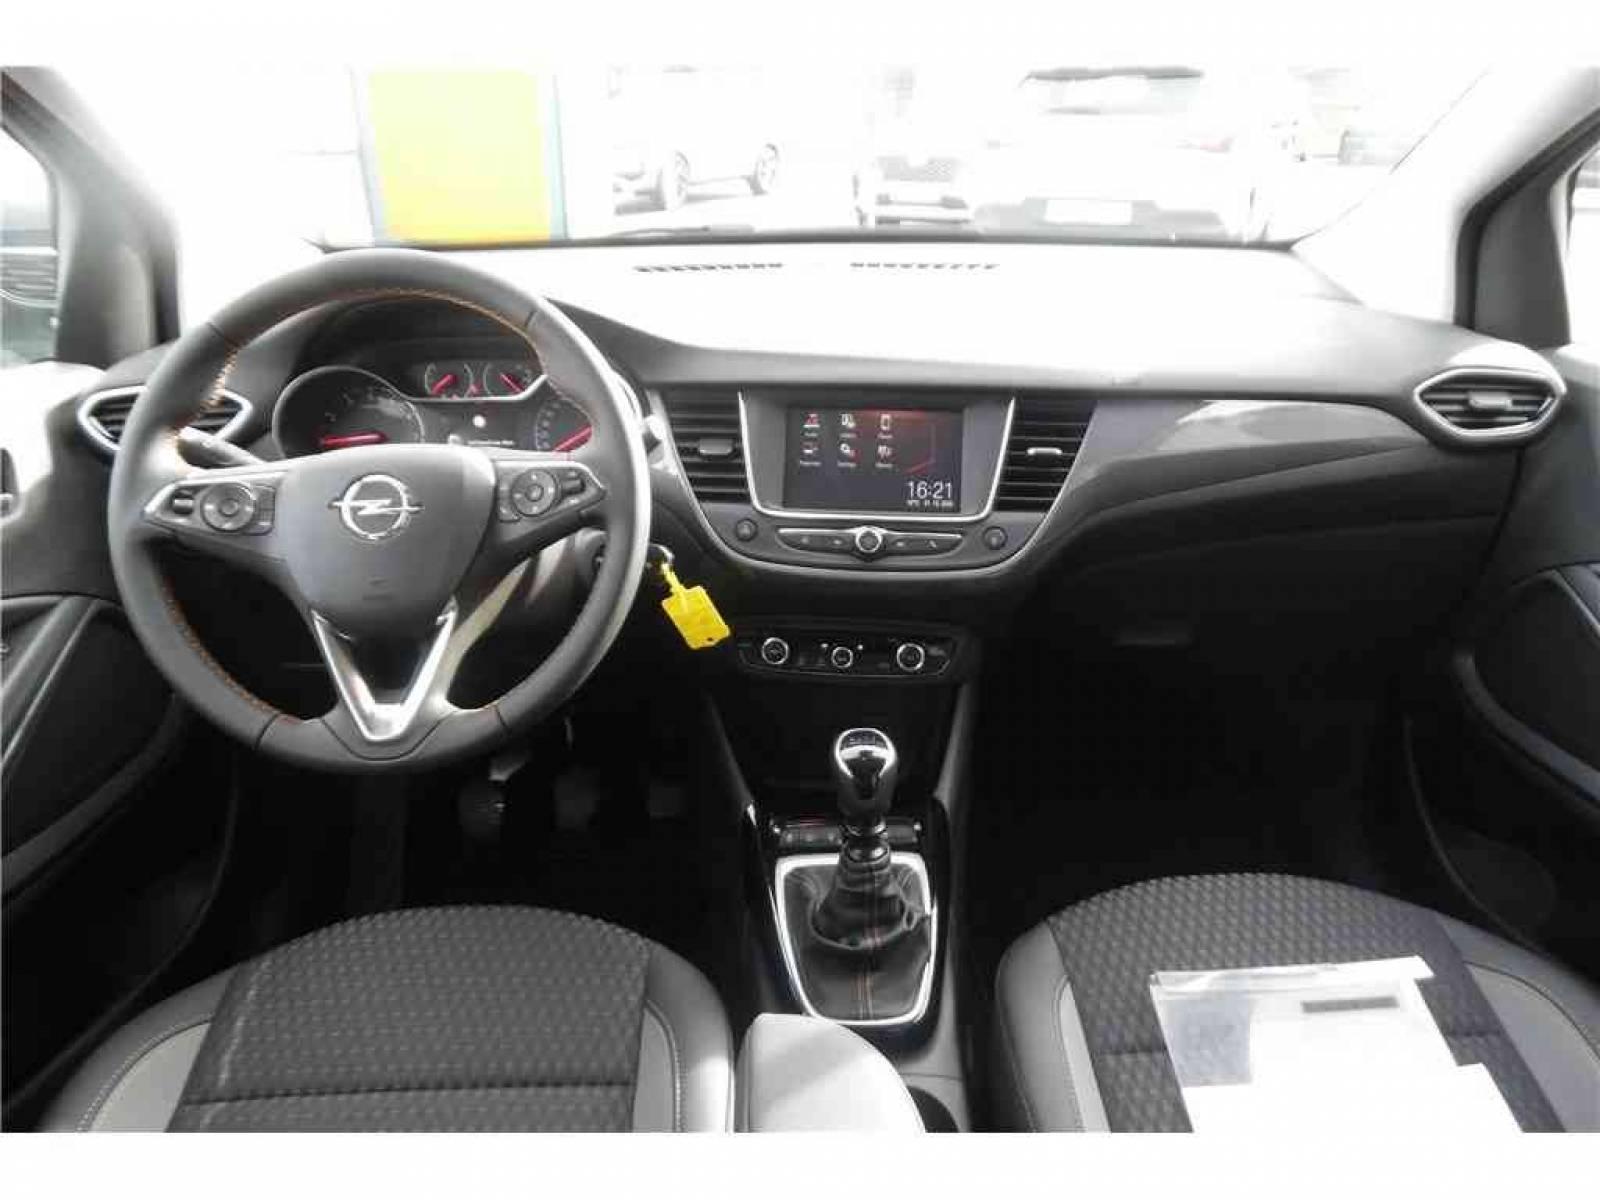 OPEL Crossland X 1.5 D 102 ch - véhicule d'occasion - Groupe Guillet - Opel Magicauto - Montceau-les-Mines - 71300 - Montceau-les-Mines - 28